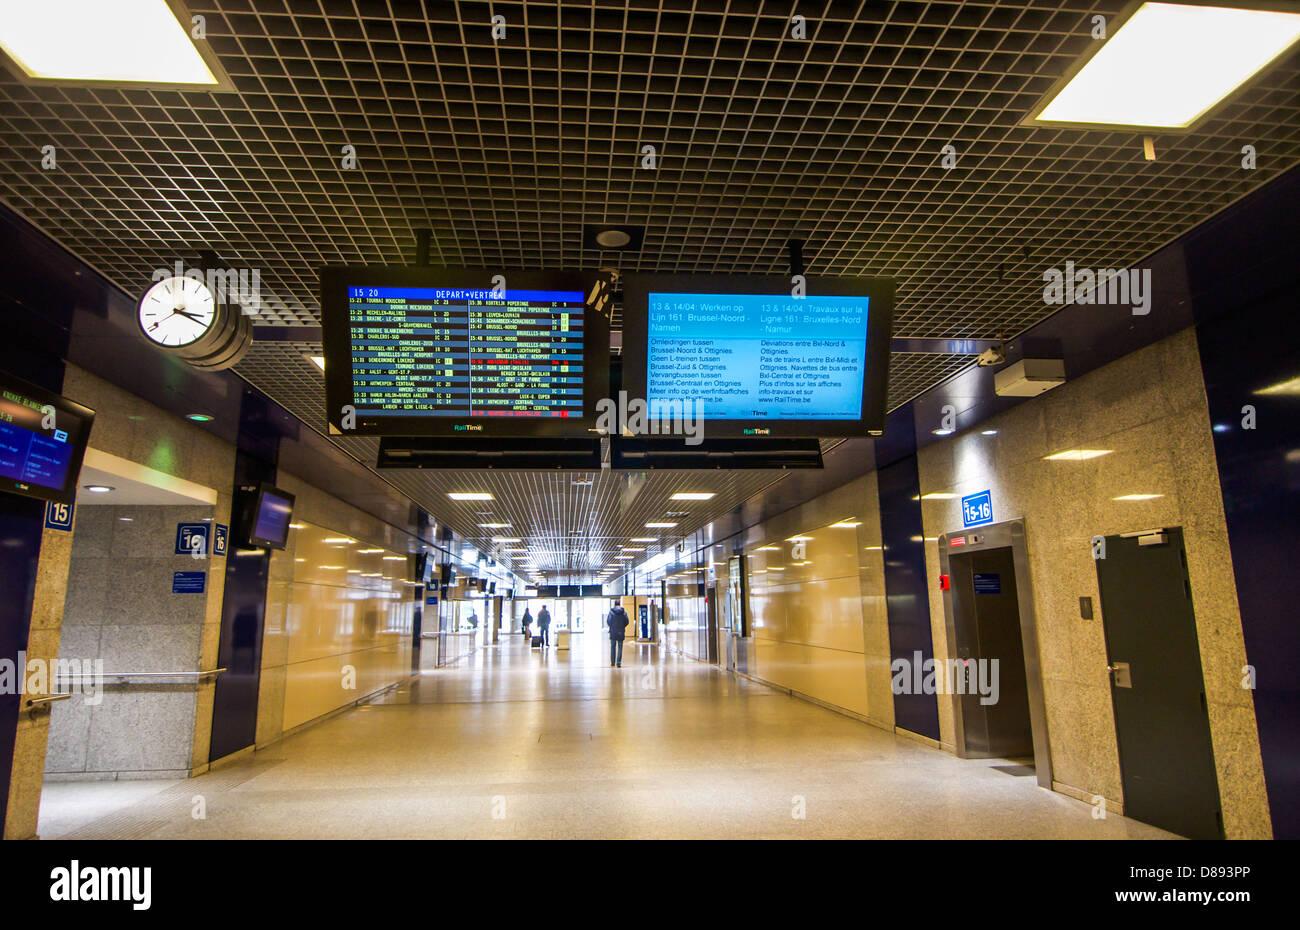 Elettronico di partenza e di arrivo overhead di schede in un lungo passaggio presso stazione ferroviaria Bruxelles Immagini Stock